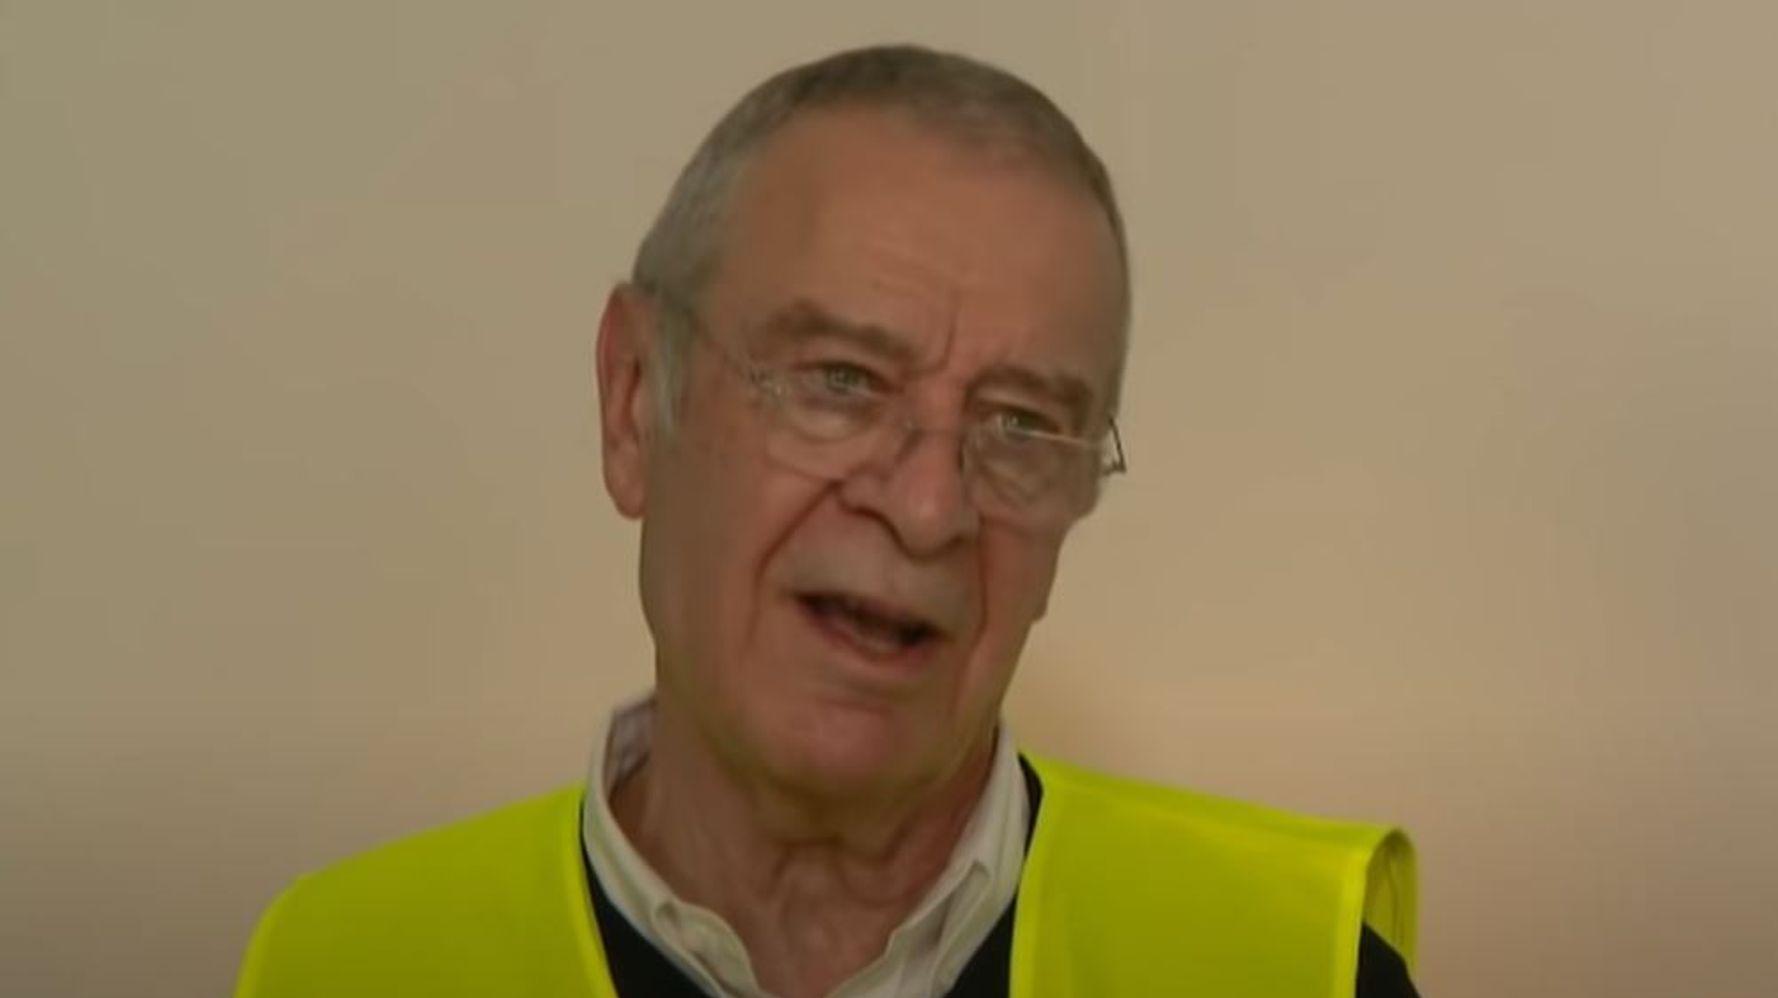 Affaire des essais cliniques à Poitiers: Le Pr Fourtillan incarcéré